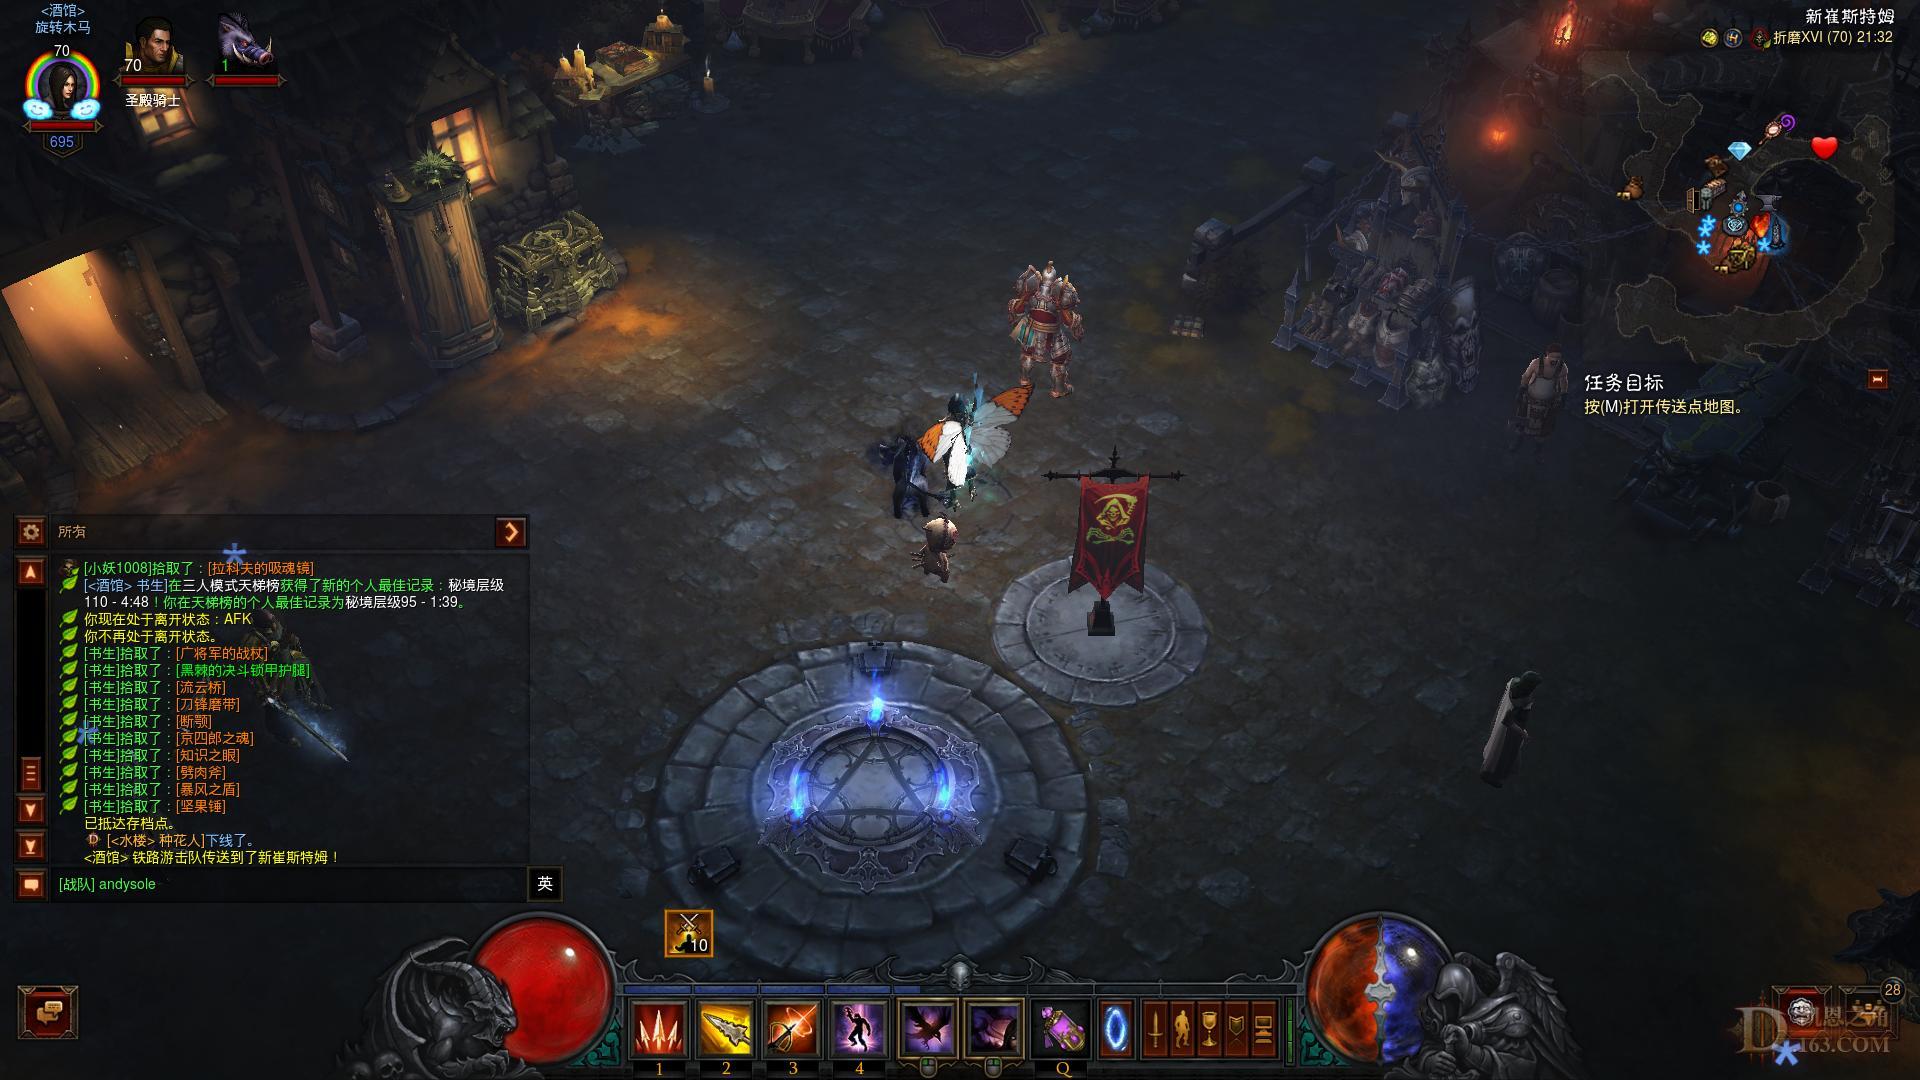 Diablo III64 2021-08-13 21-32-17-87.jpg